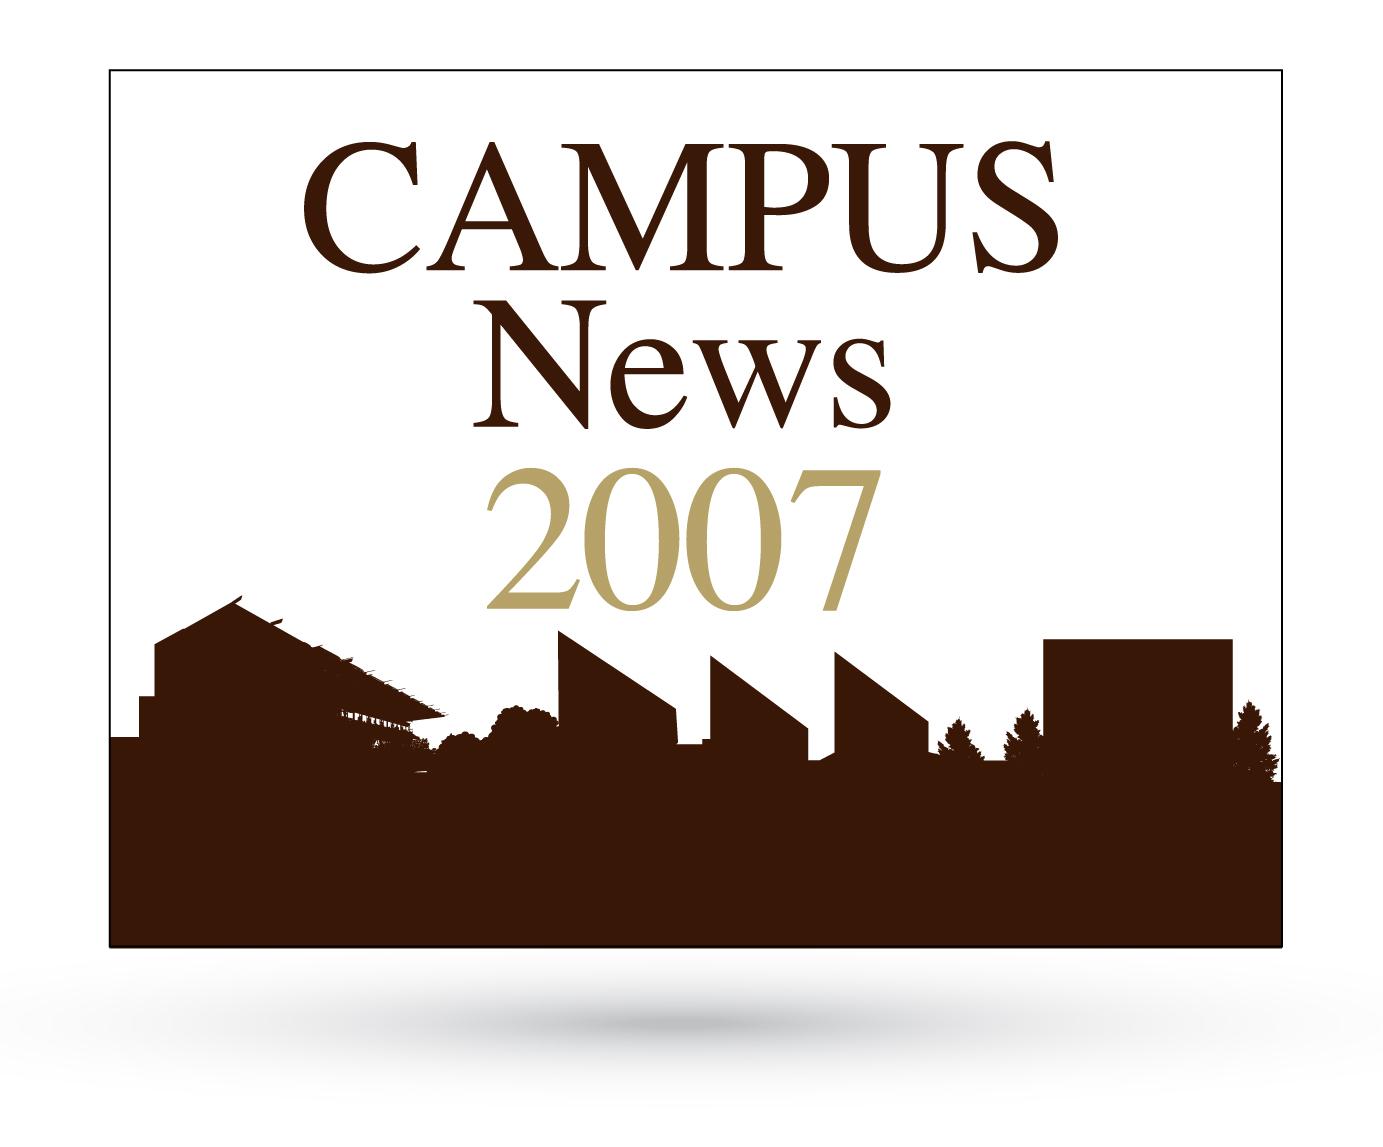 Campus News 2007